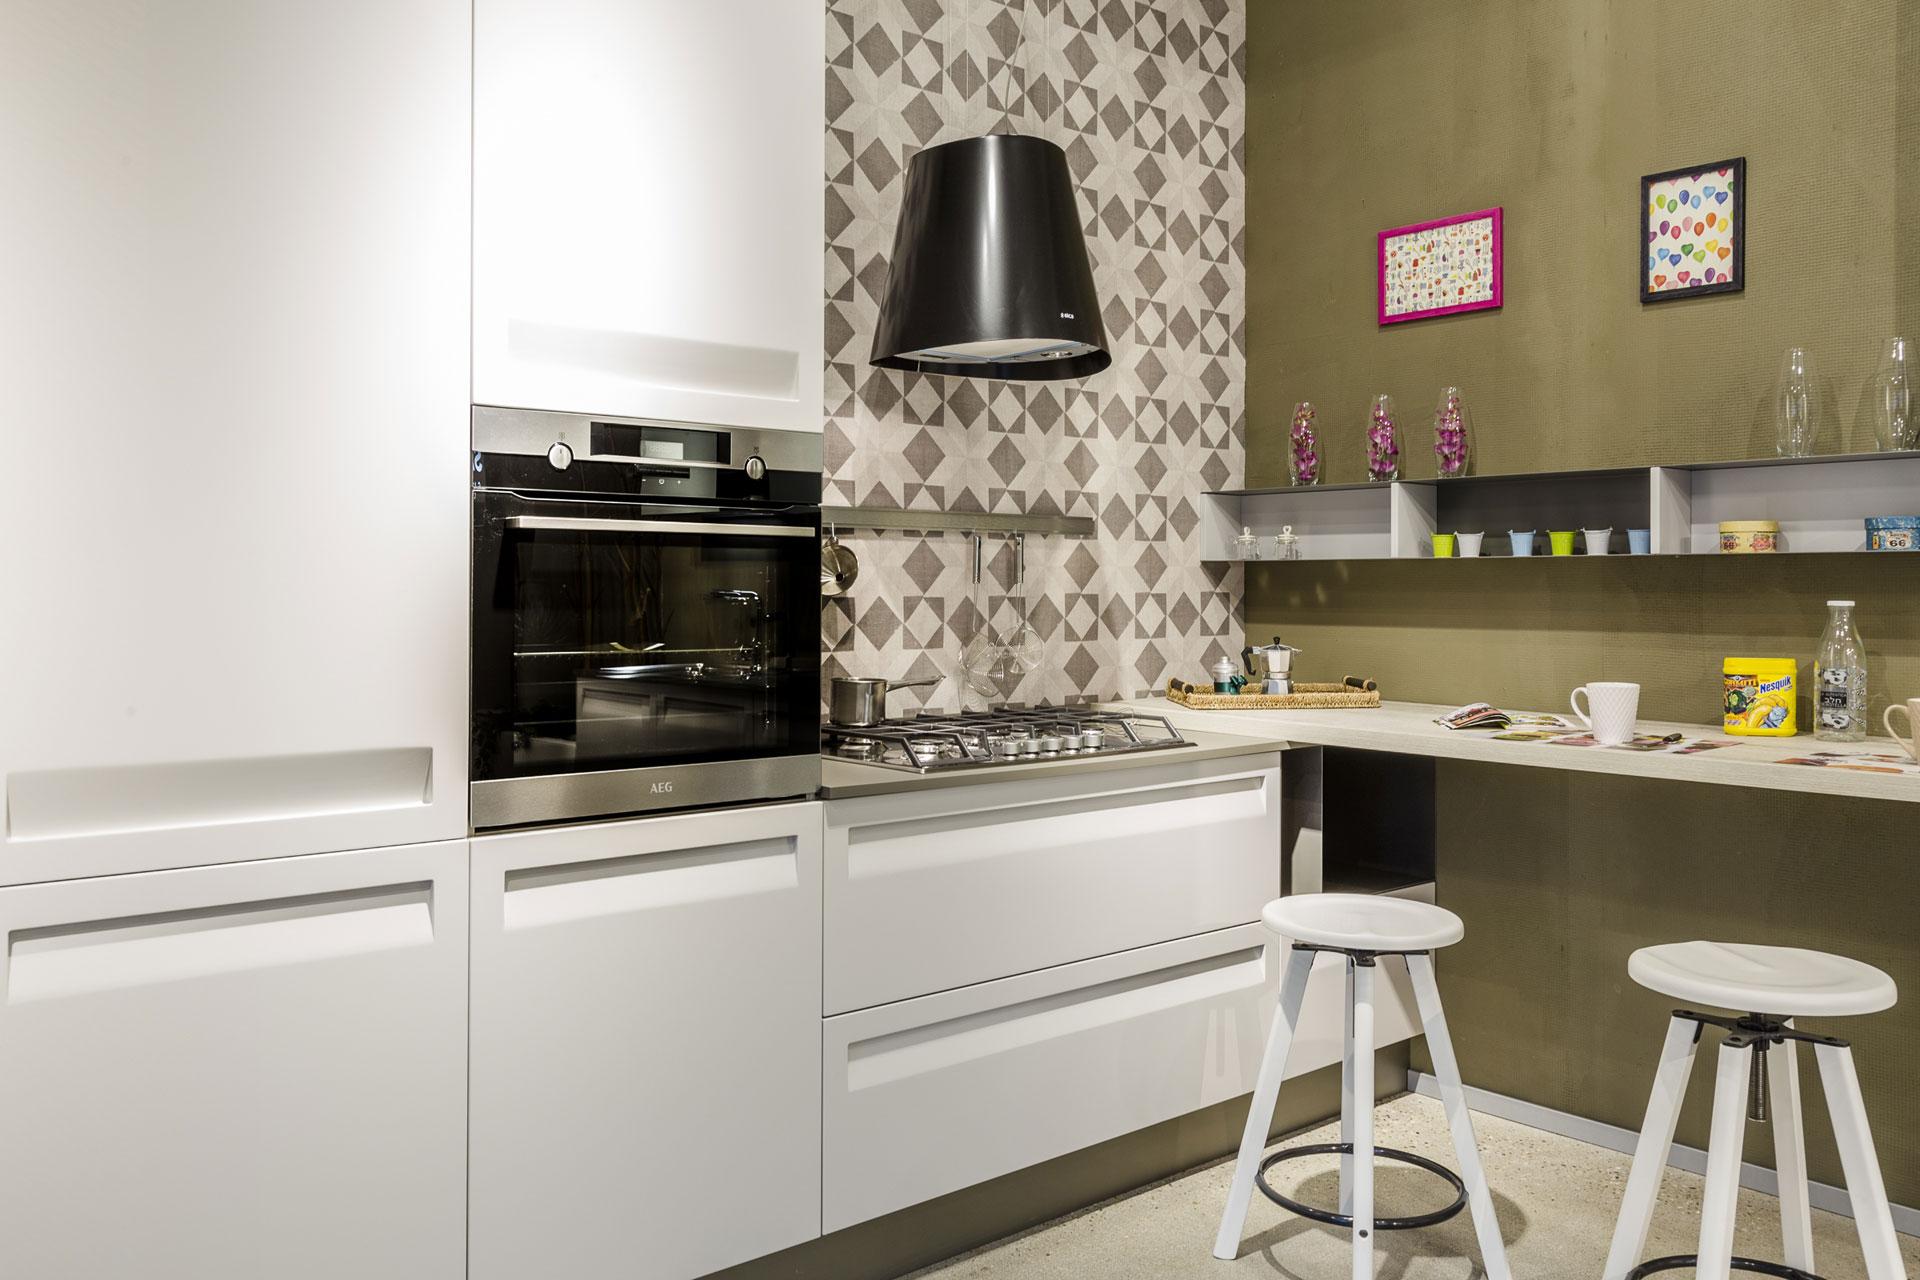 Cucine moderne stosa imola ronchi arredamenti for Arredamenti moderni cucine